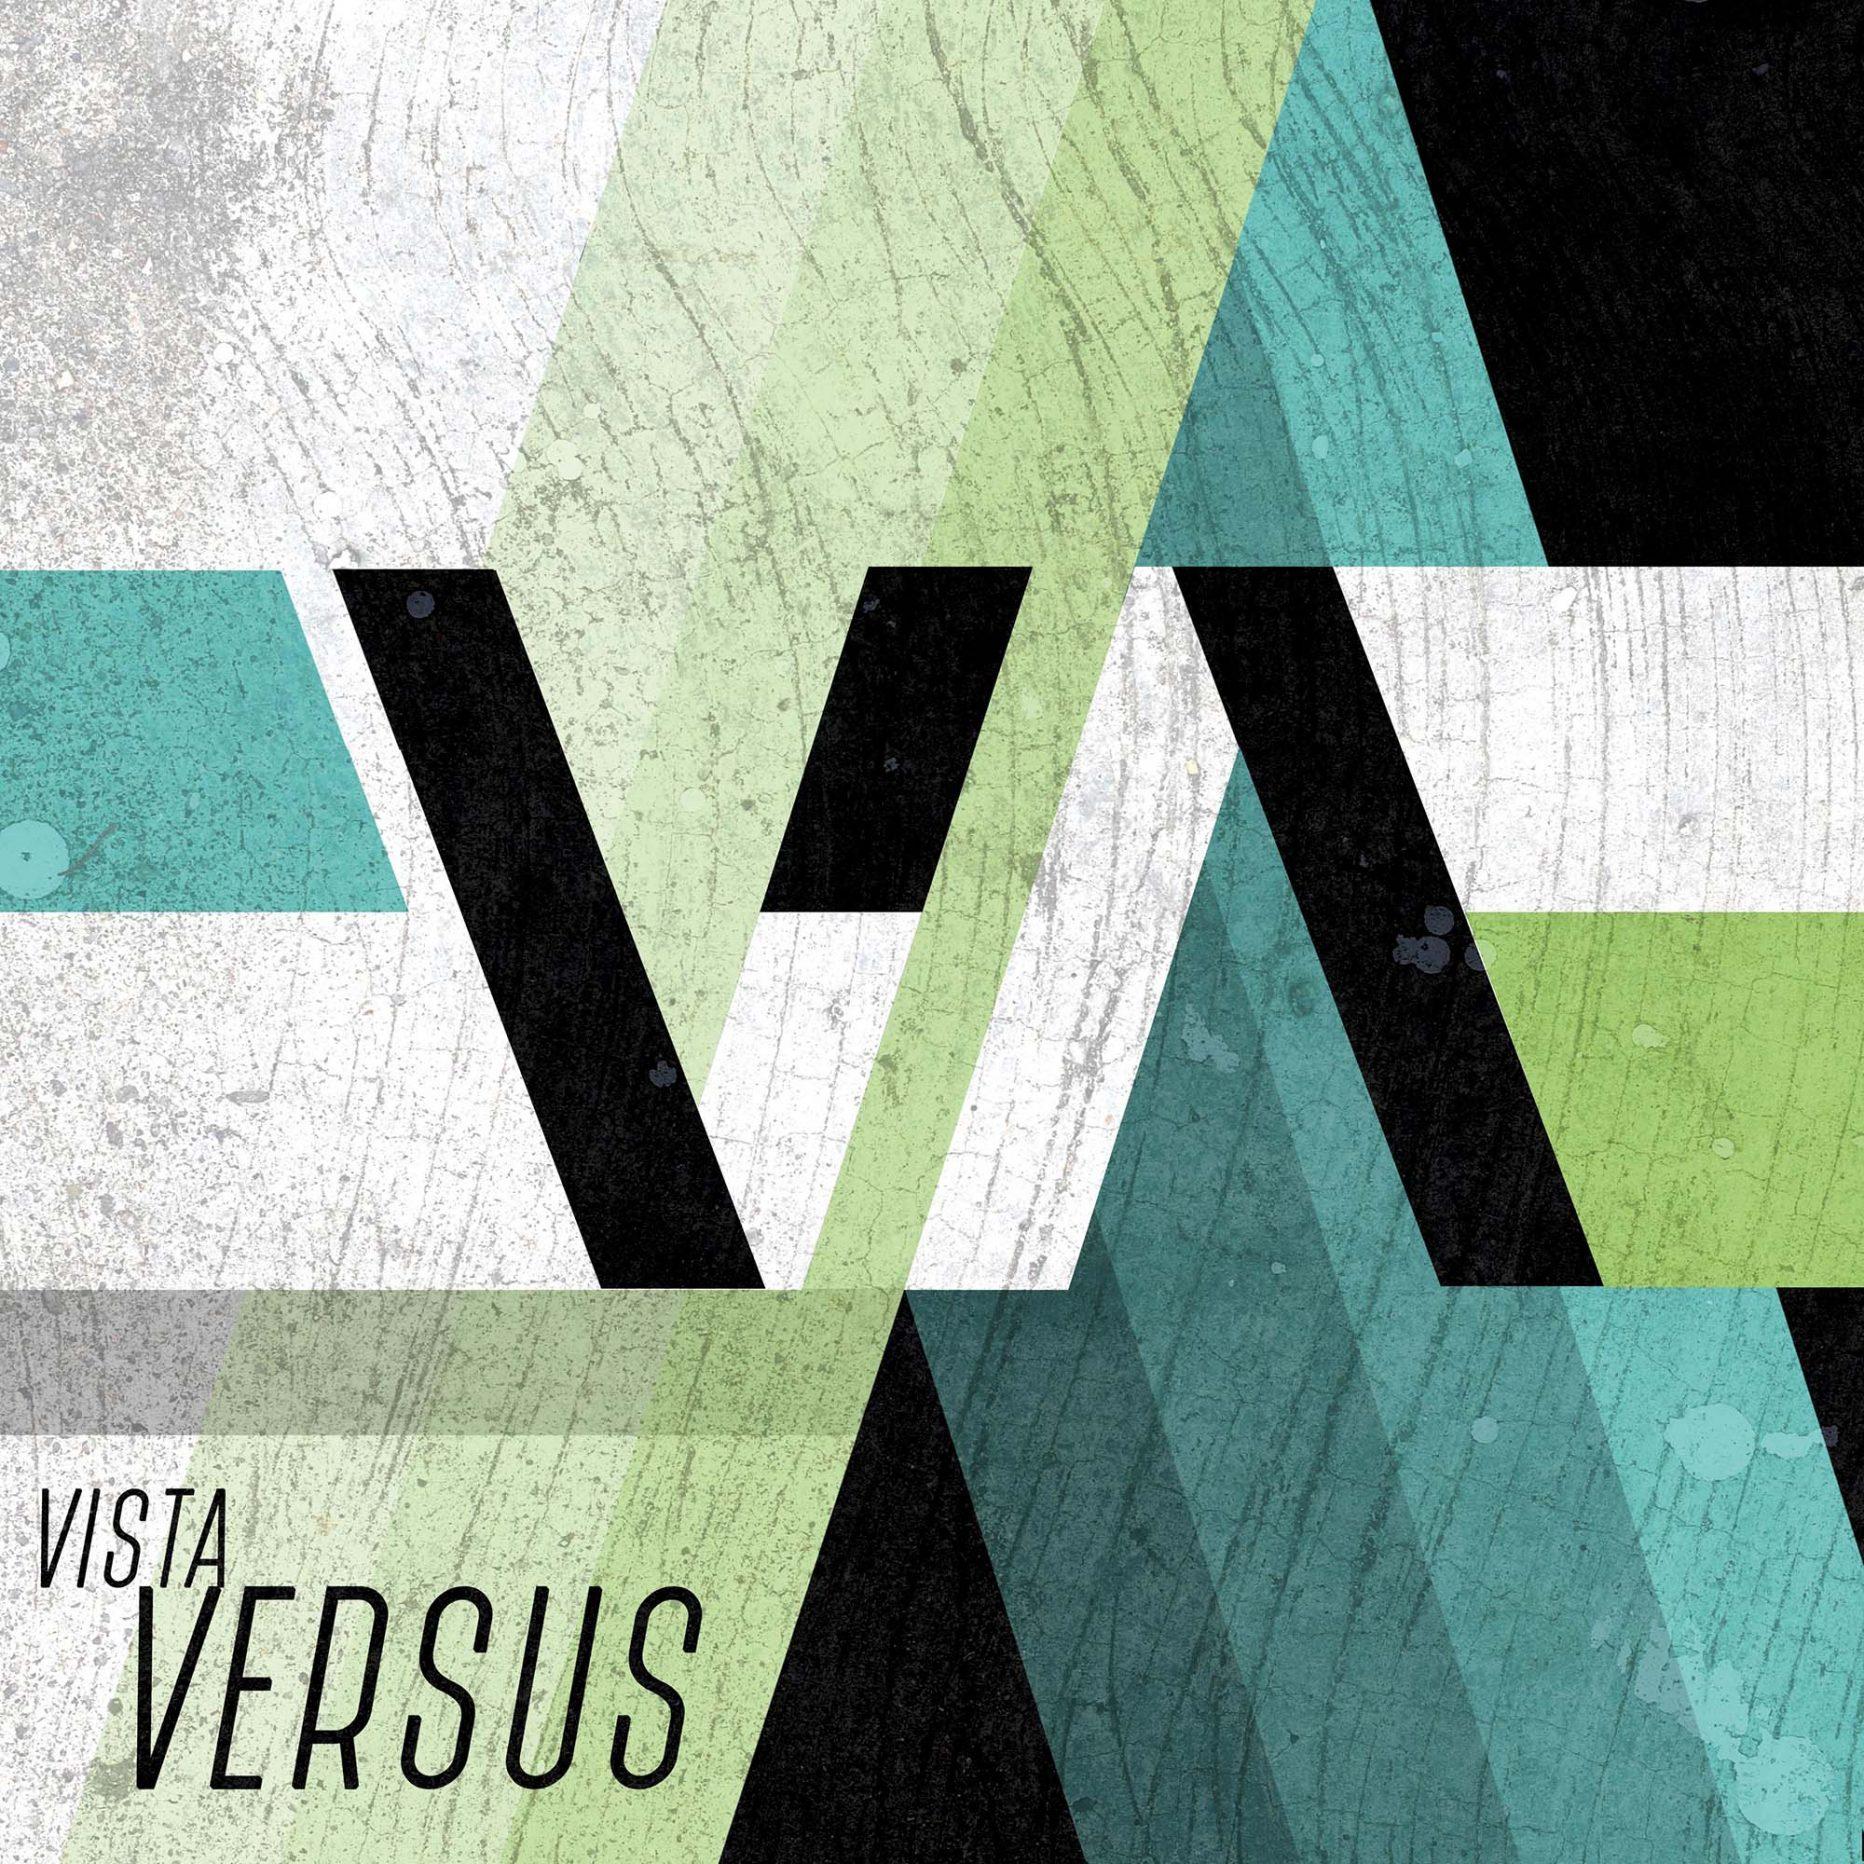 Vista_Versus-1864x1864.jpeg